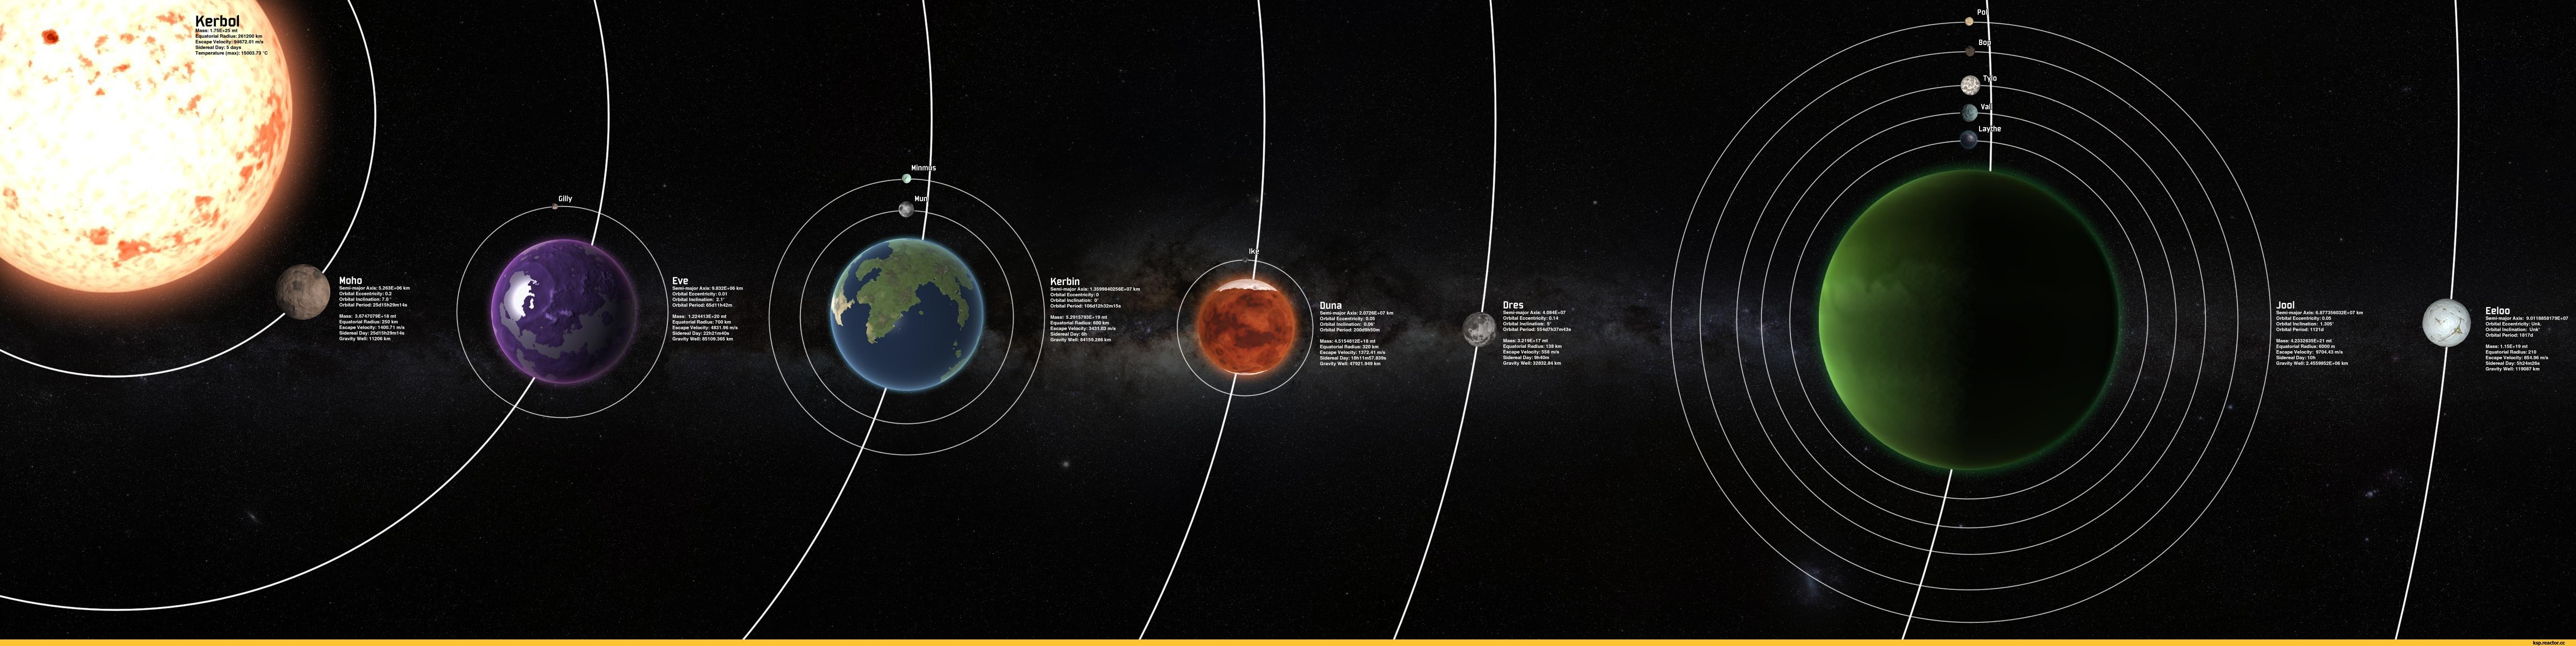 KSP - через тернии к звёздам. - Изображение 2